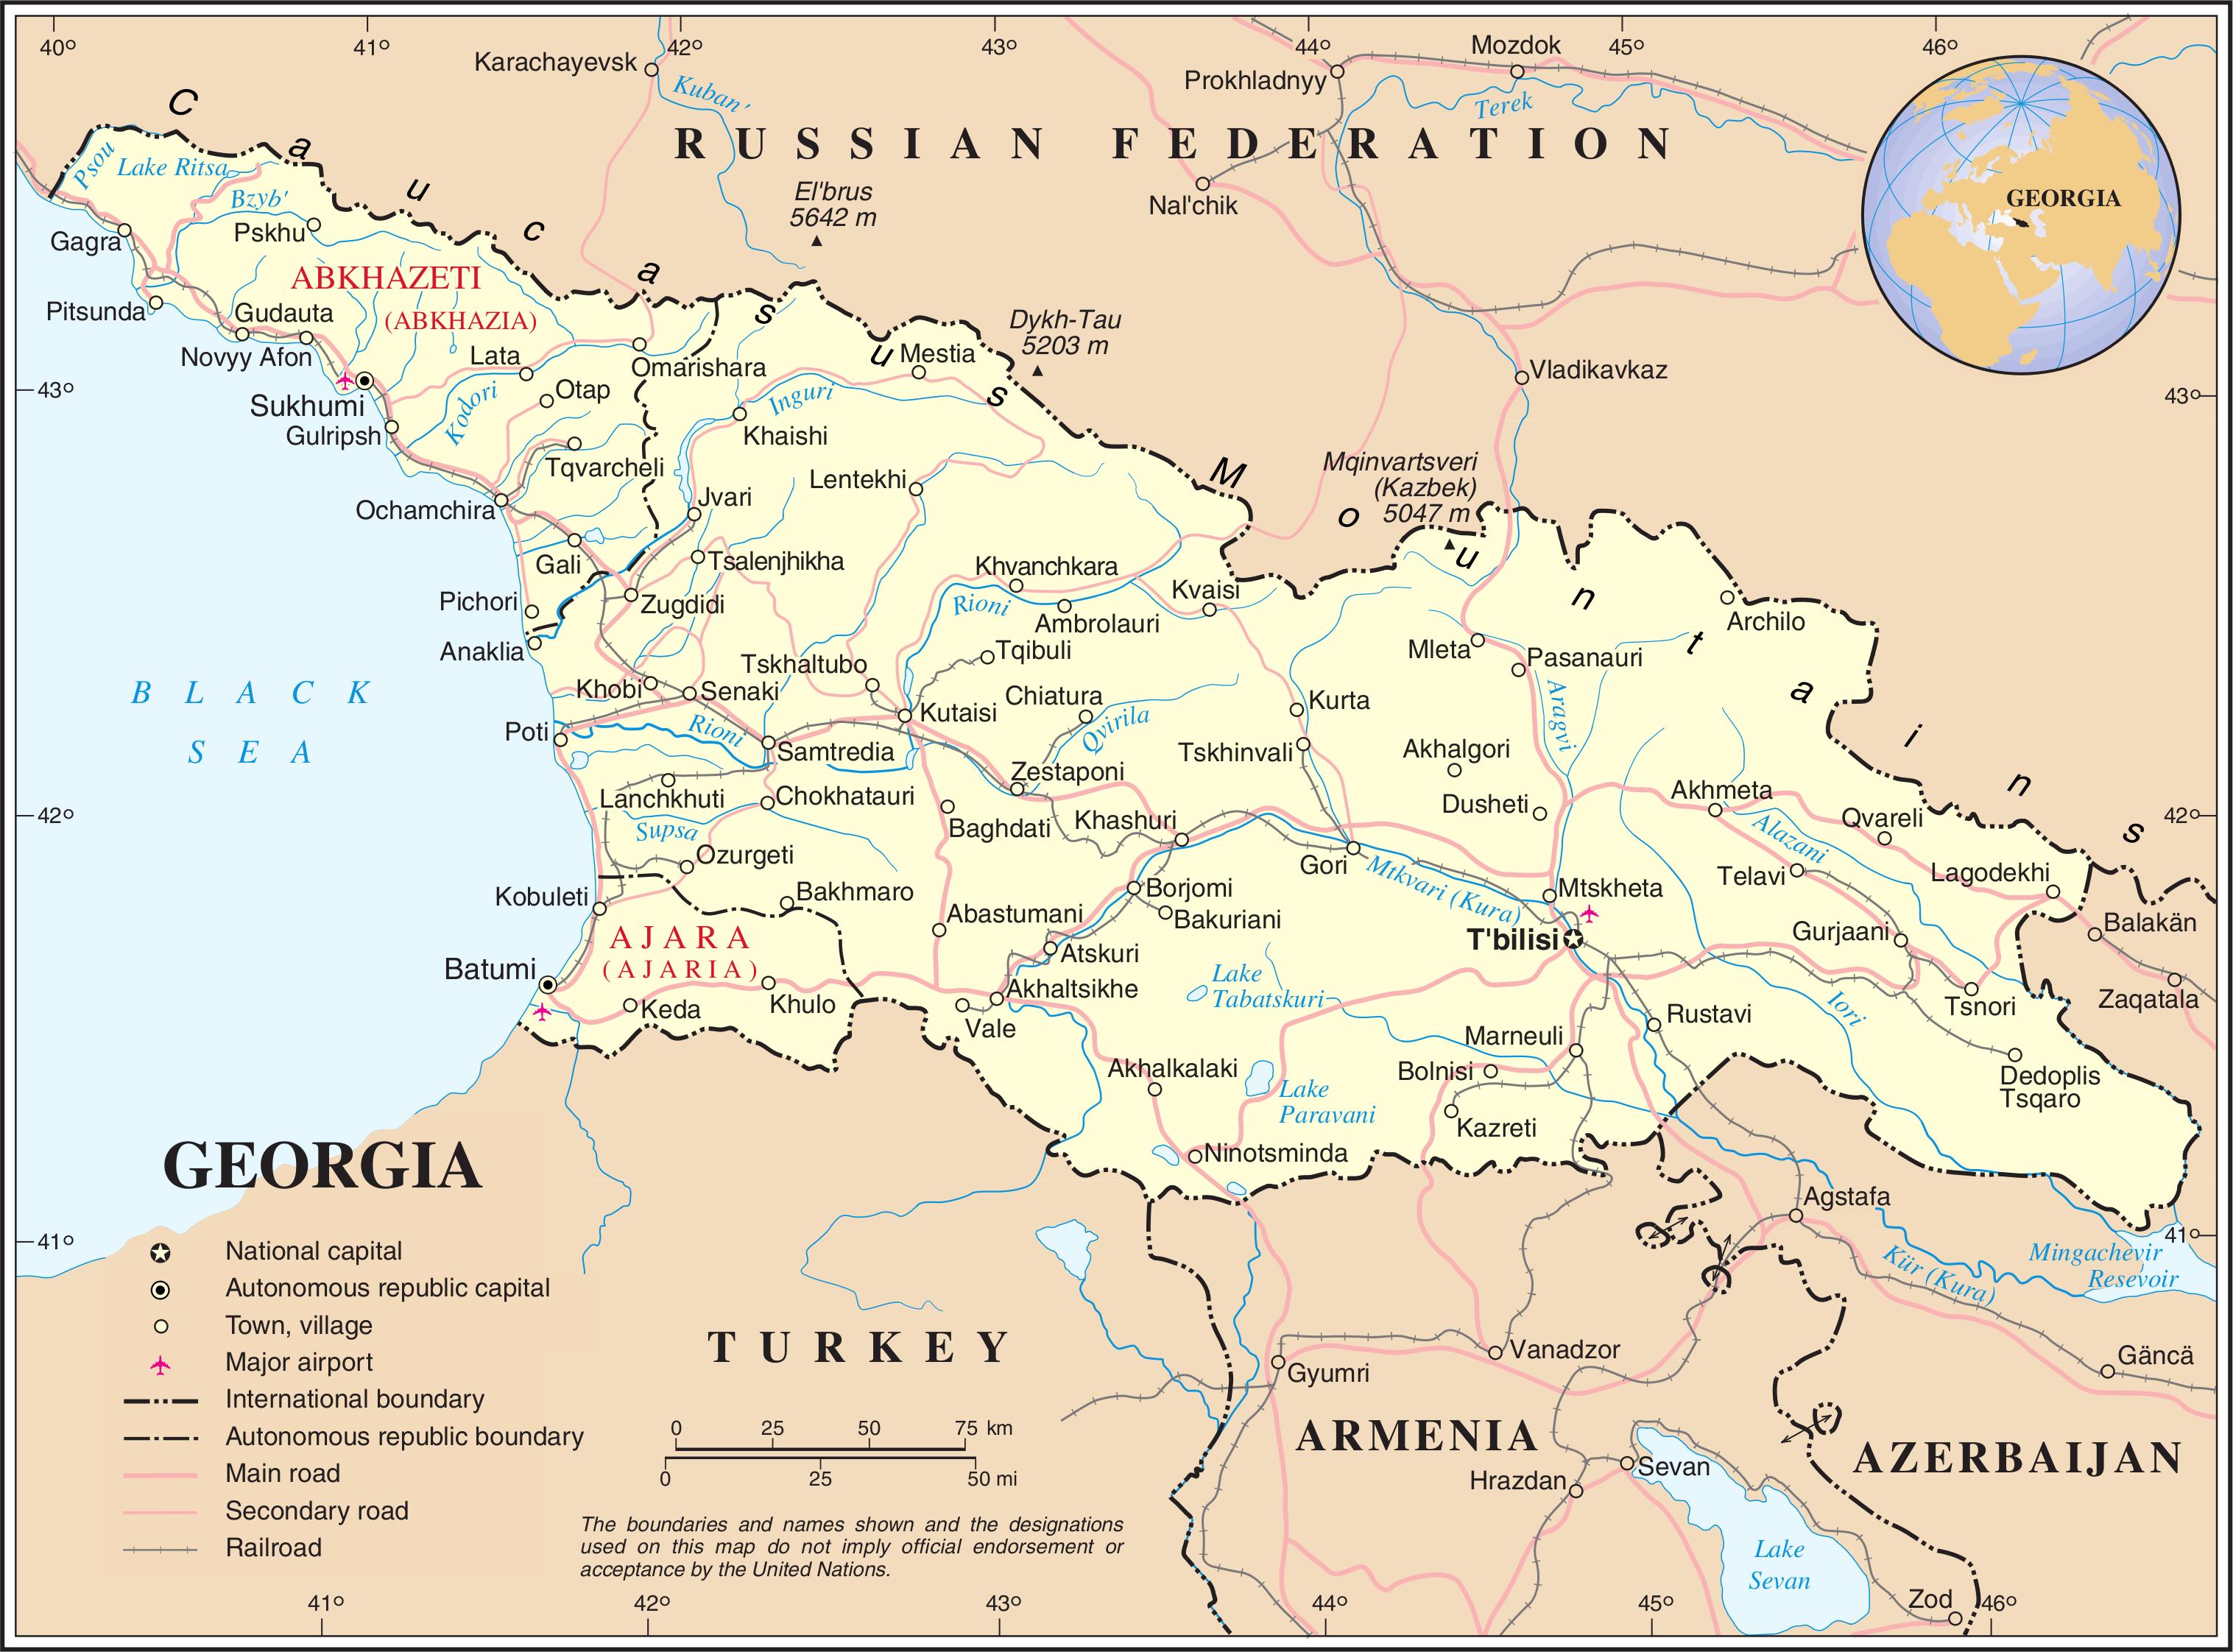 georgien weltkarte Landkarte Georgien (Übersichtskarte) : Weltkarte.  Karten und  georgien weltkarte